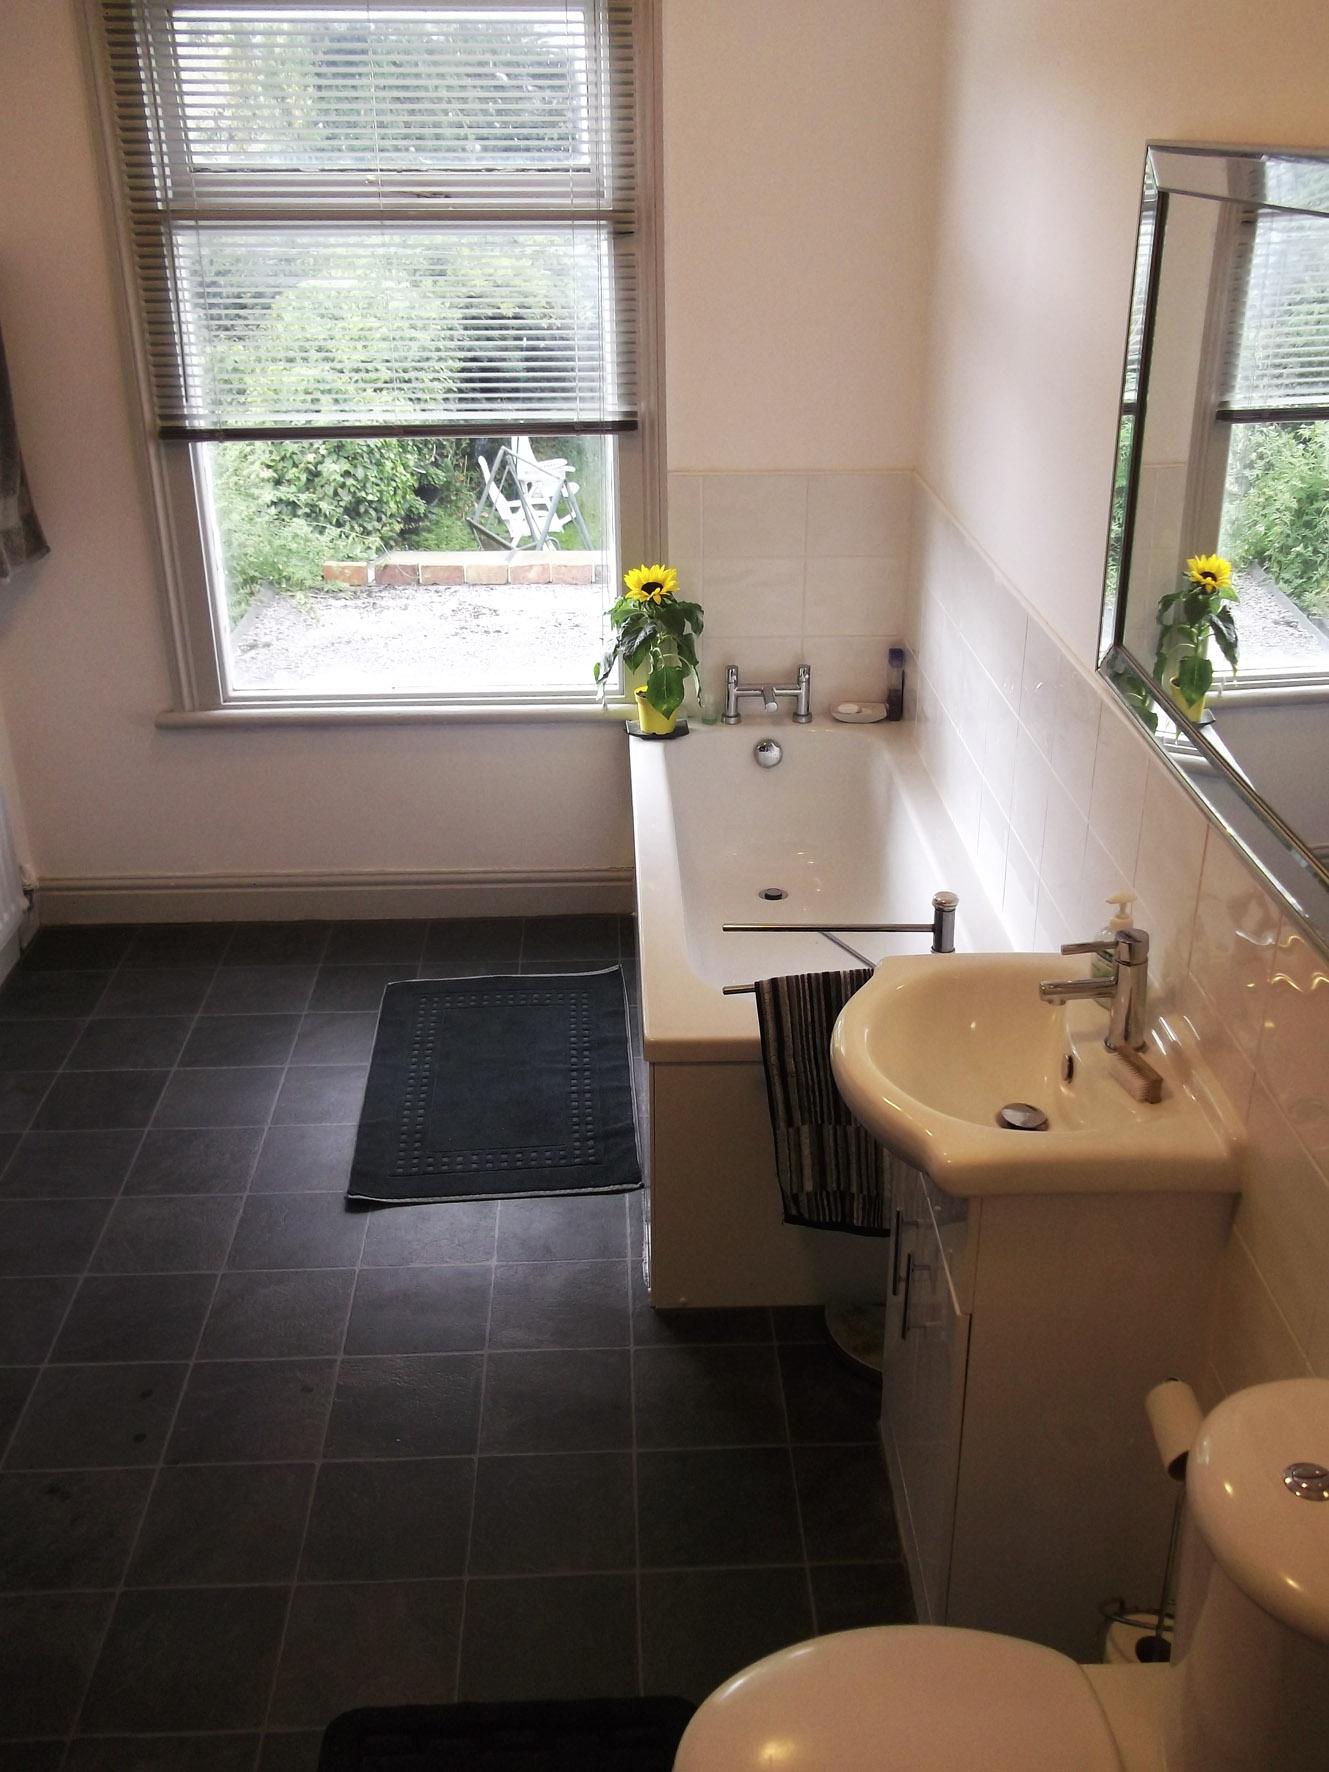 Moor St bath+wc.jpg